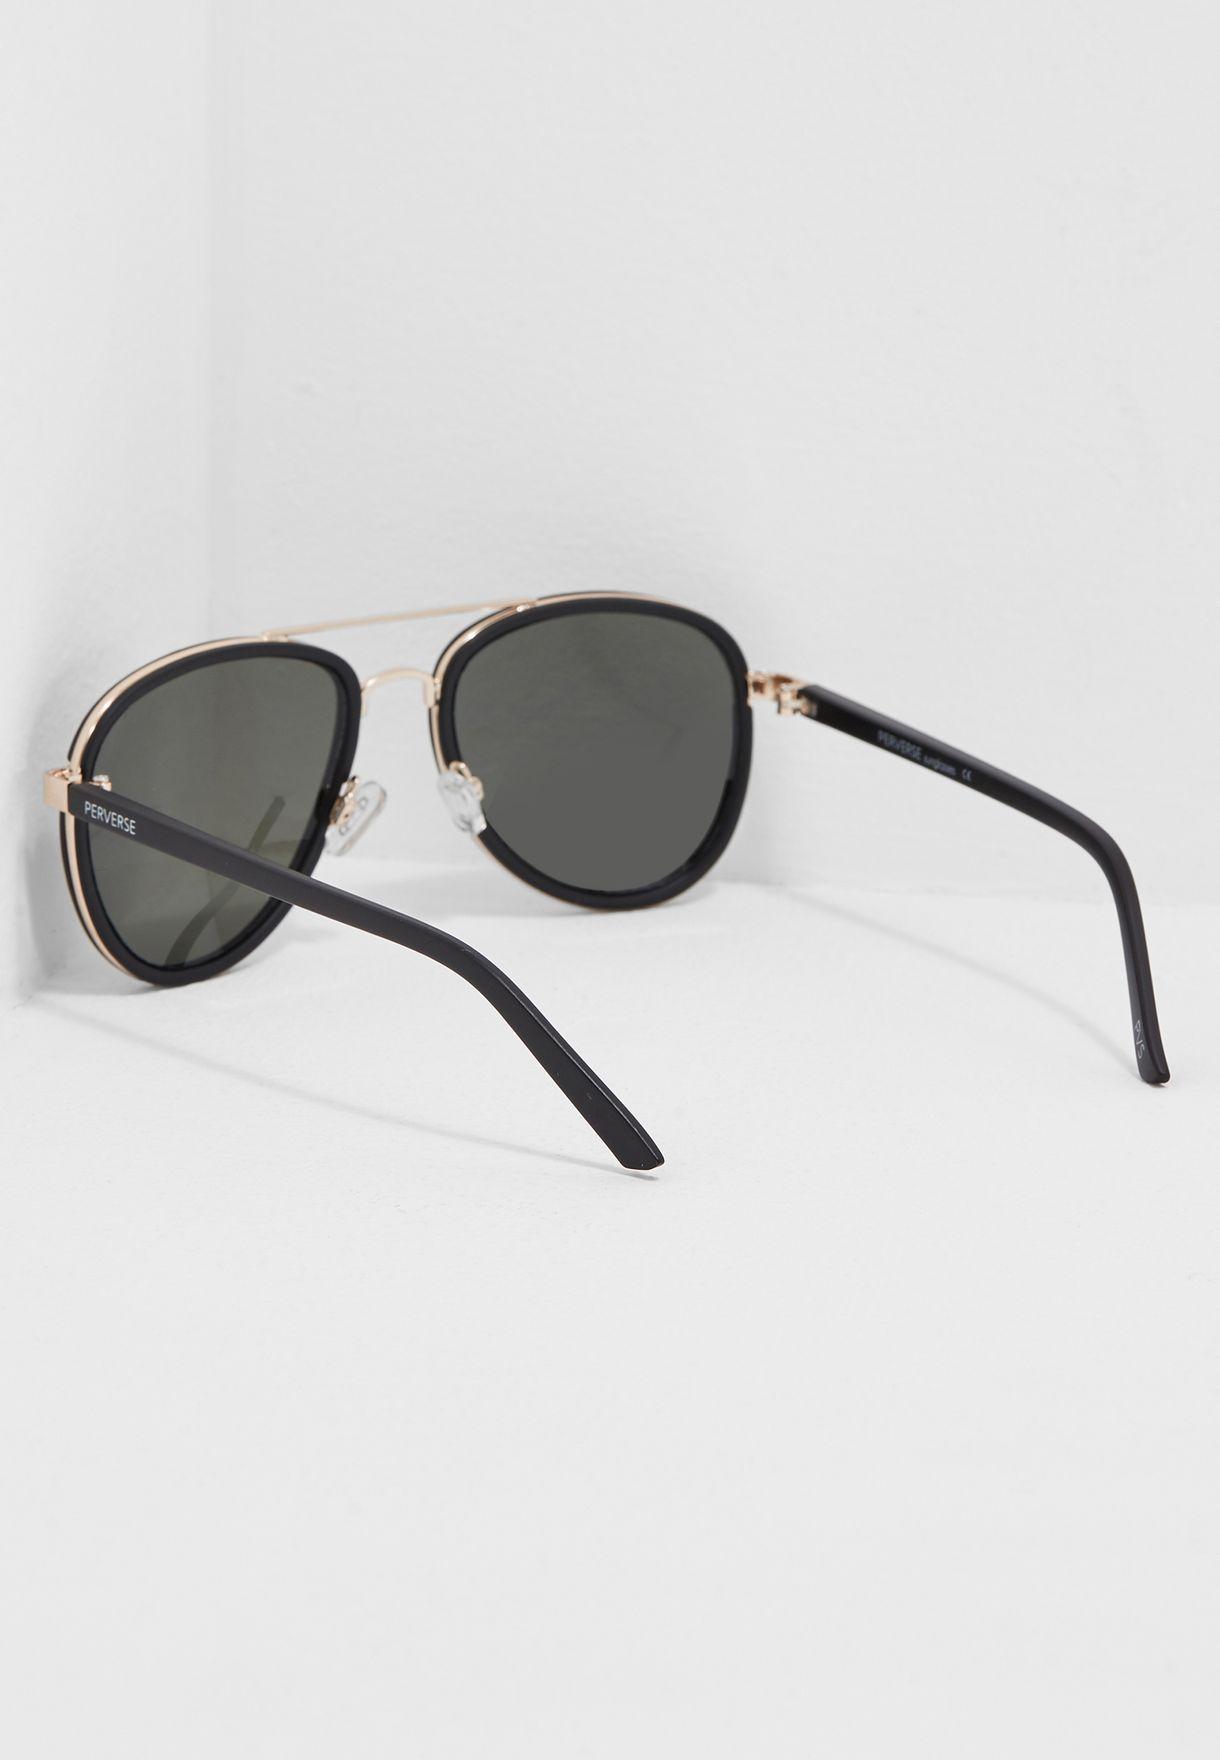 9a5418286 تسوق نظارة شمسية فلاي ماركة توماس جيمس لوس انجلس لون متعدد الألوان ...